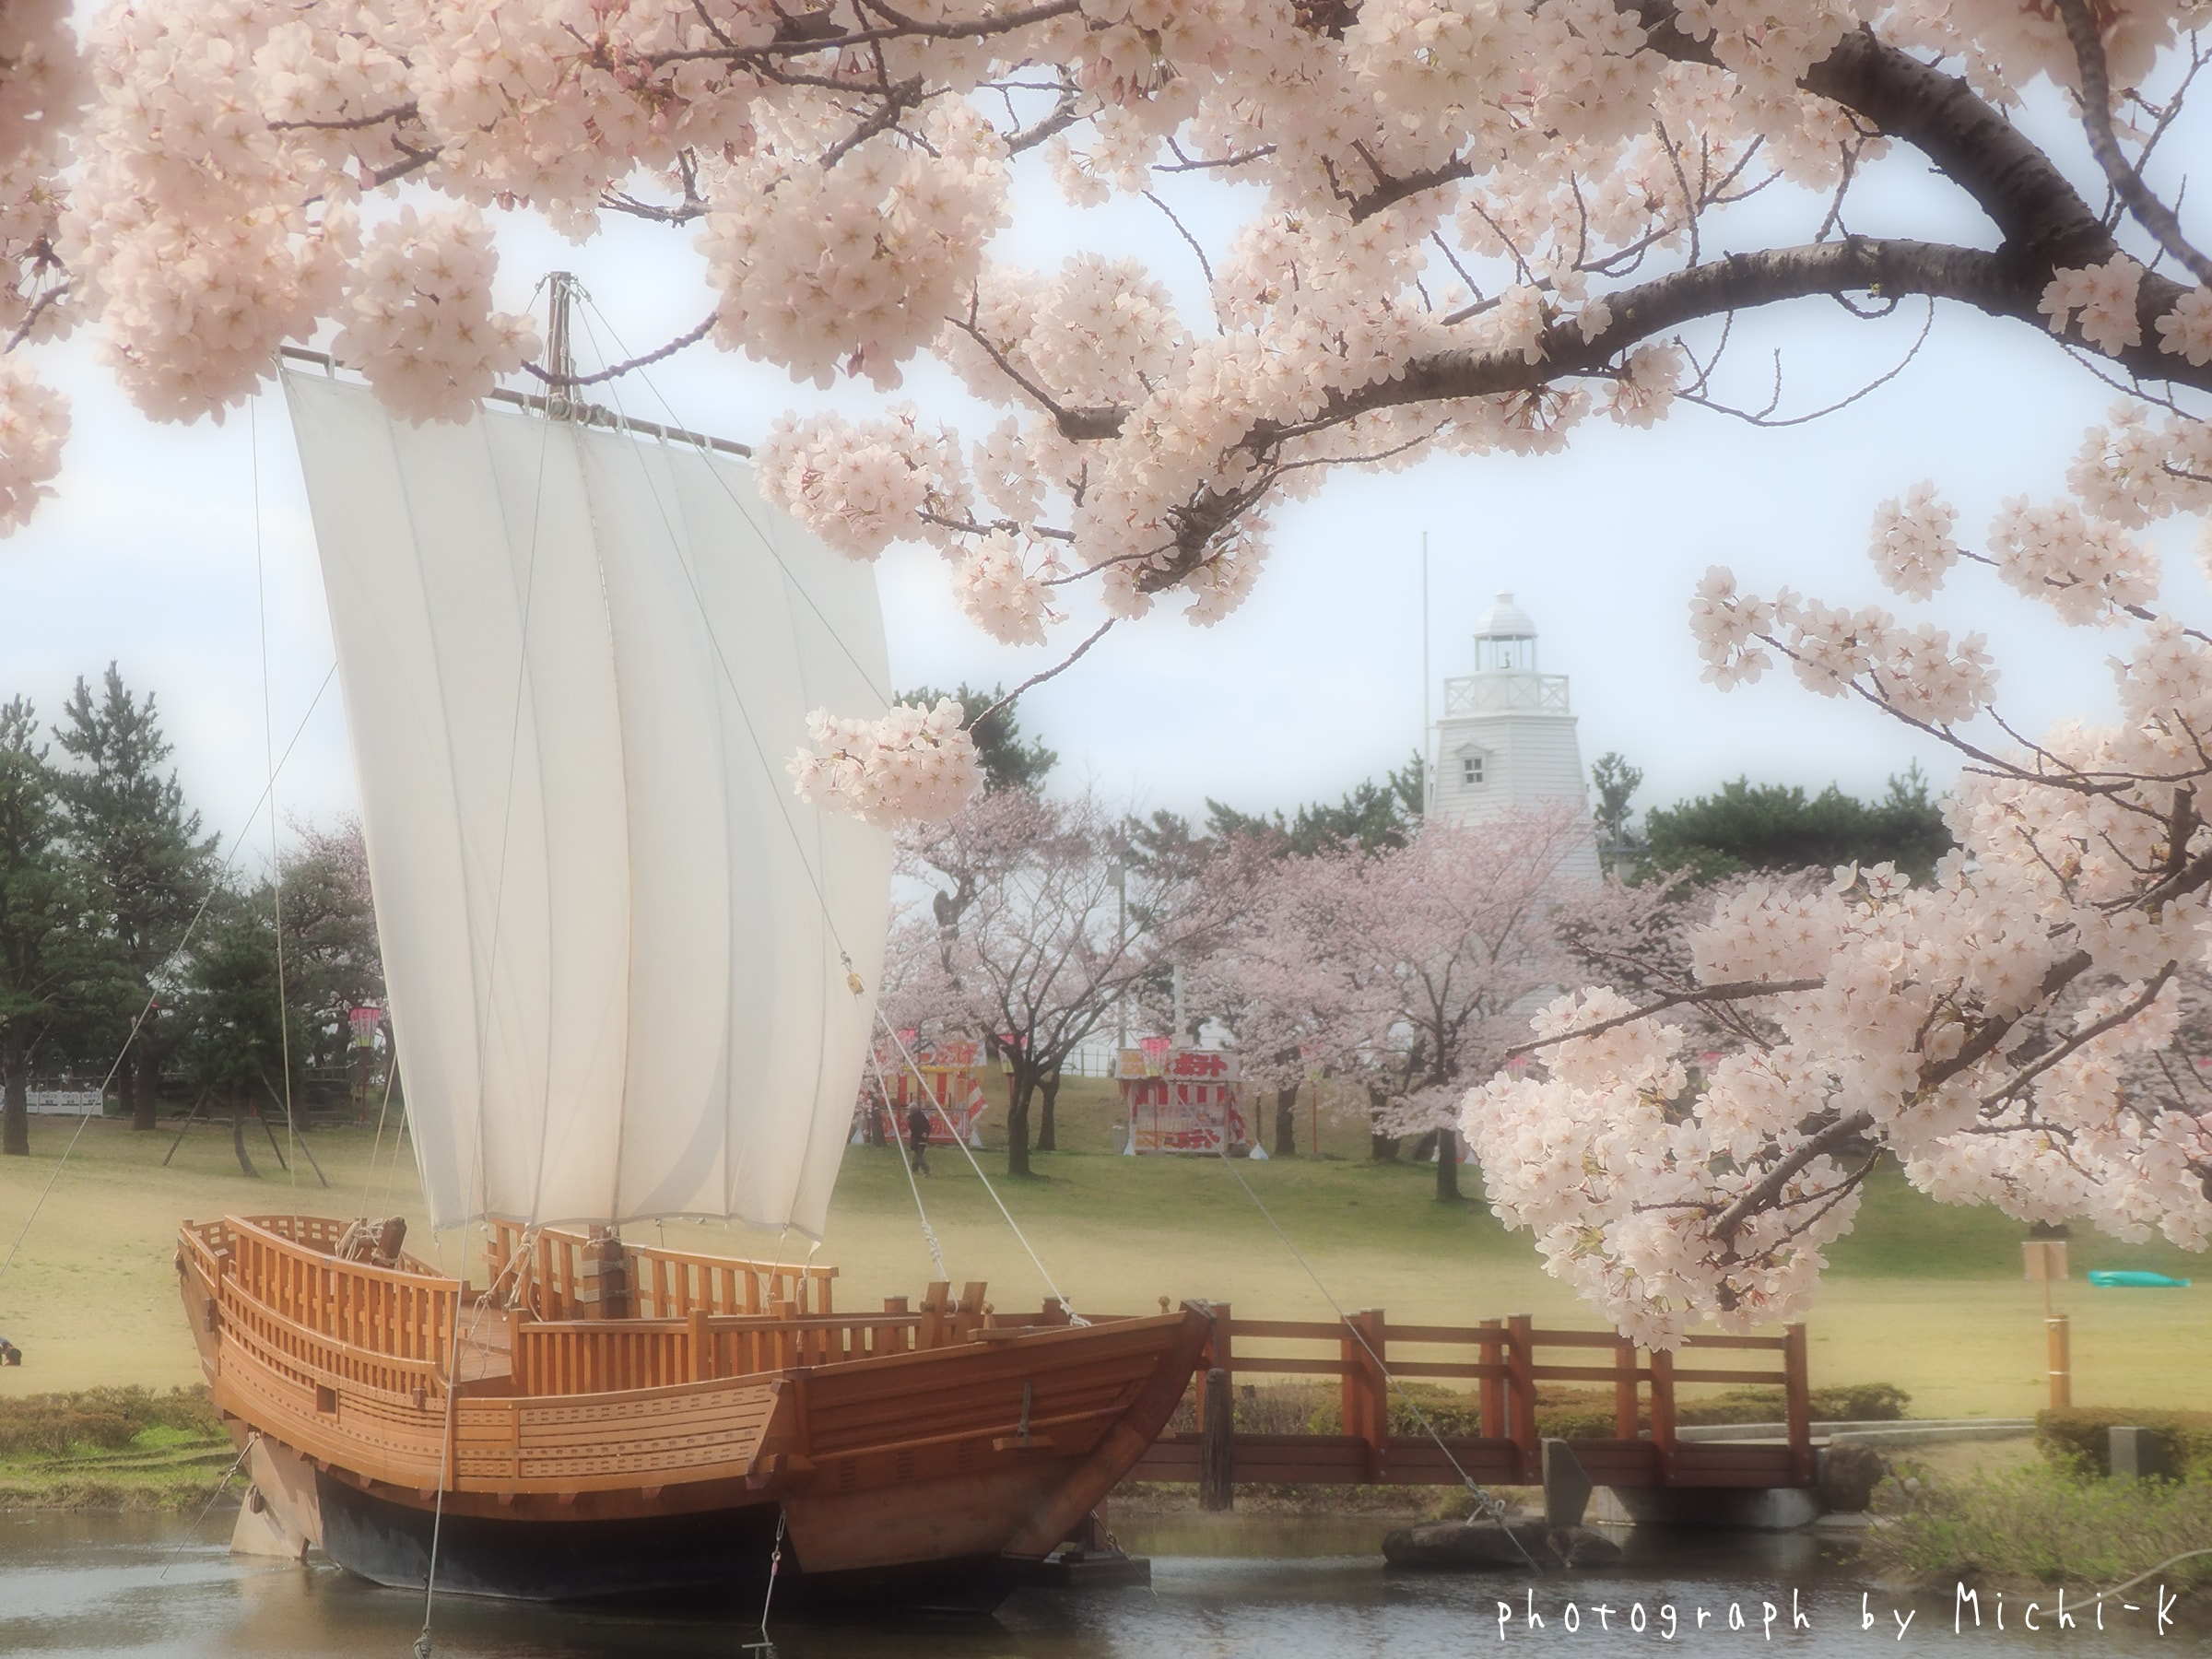 酒田市日和山公園、桜と灯台-2017/4/16 No.5